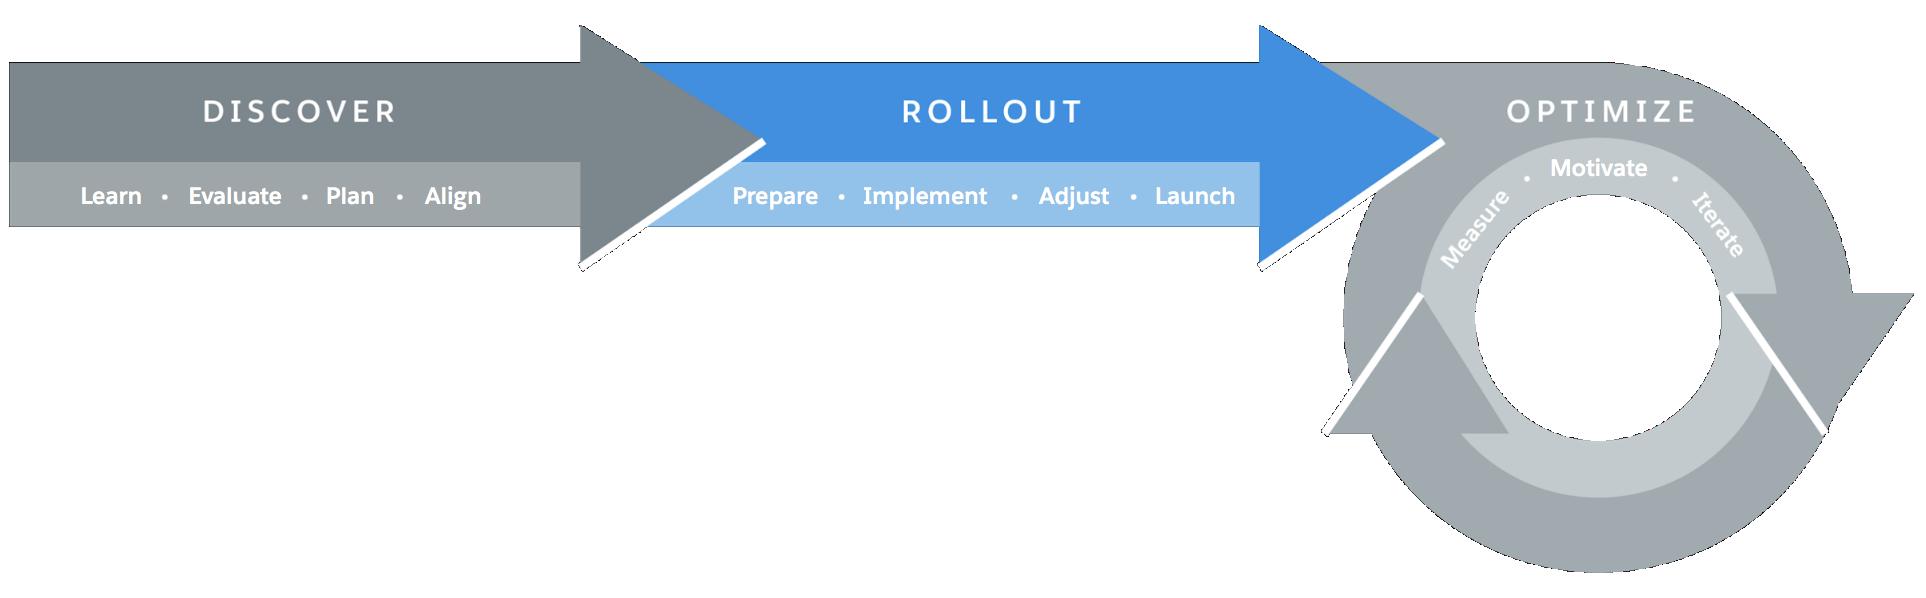 Darstellung des Frameworks für die Umstellung auf Lightning Experience mit hervorgehobener Einführungsphase